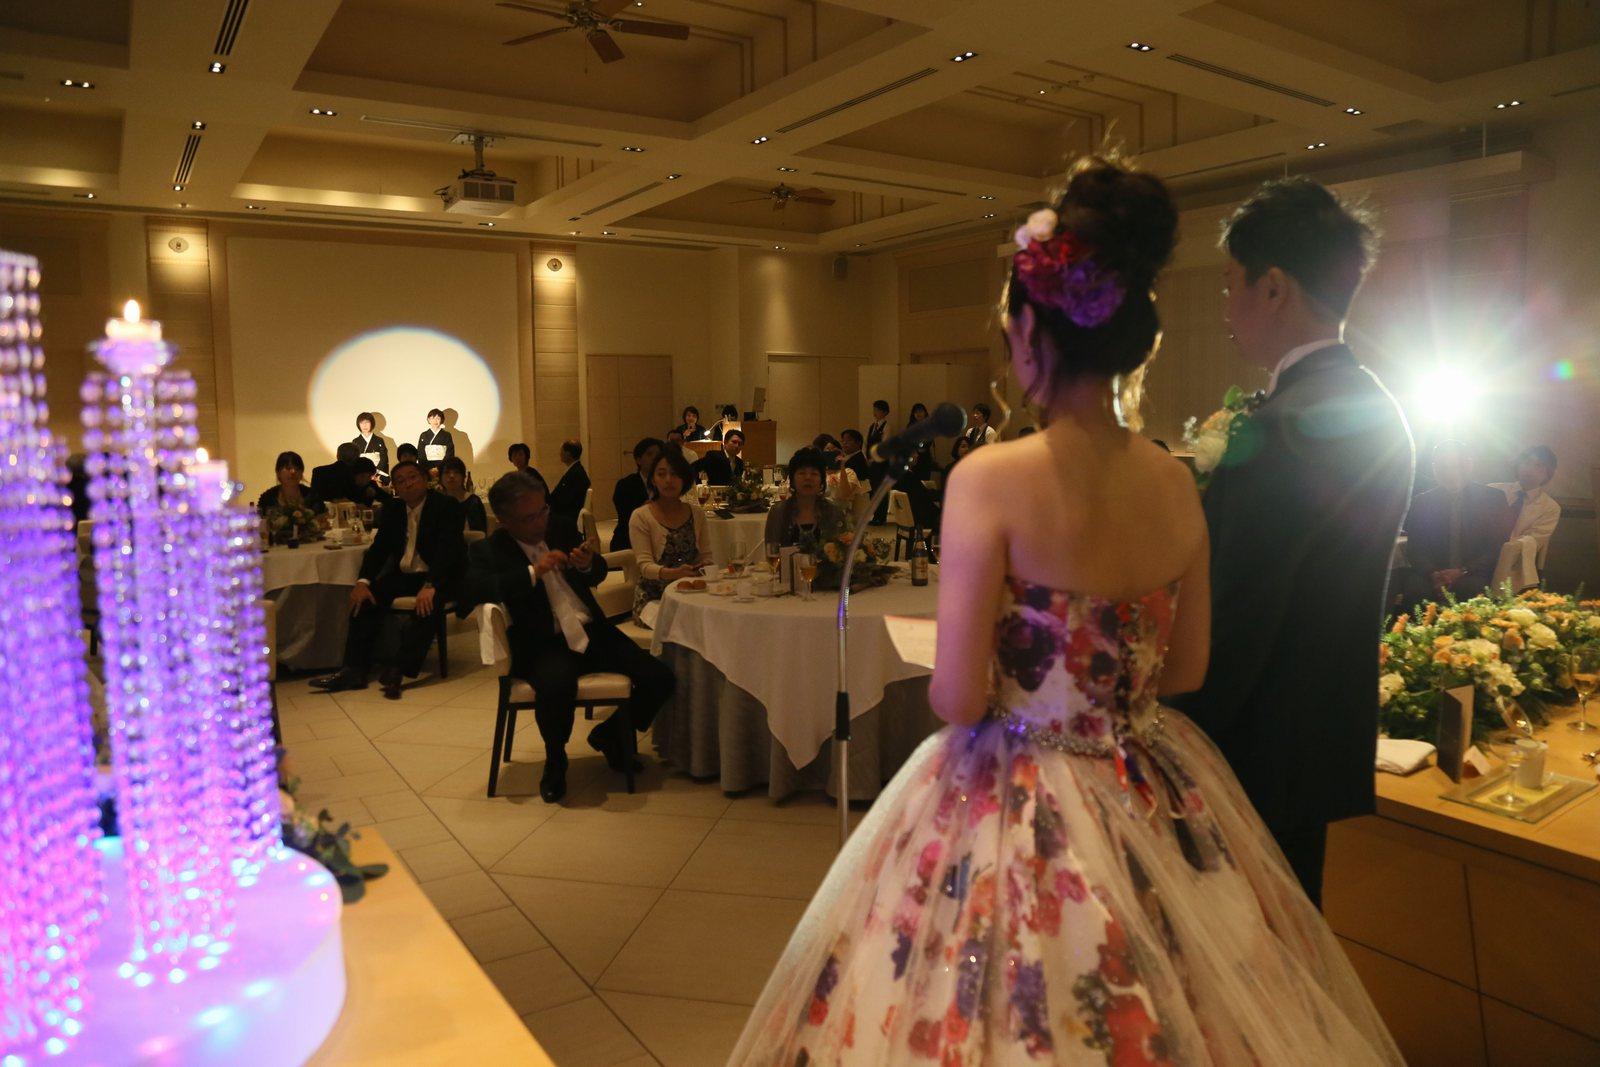 高松市の結婚式場アイルバレクラブの披露宴 日頃の感謝と想いを親御様に届ける